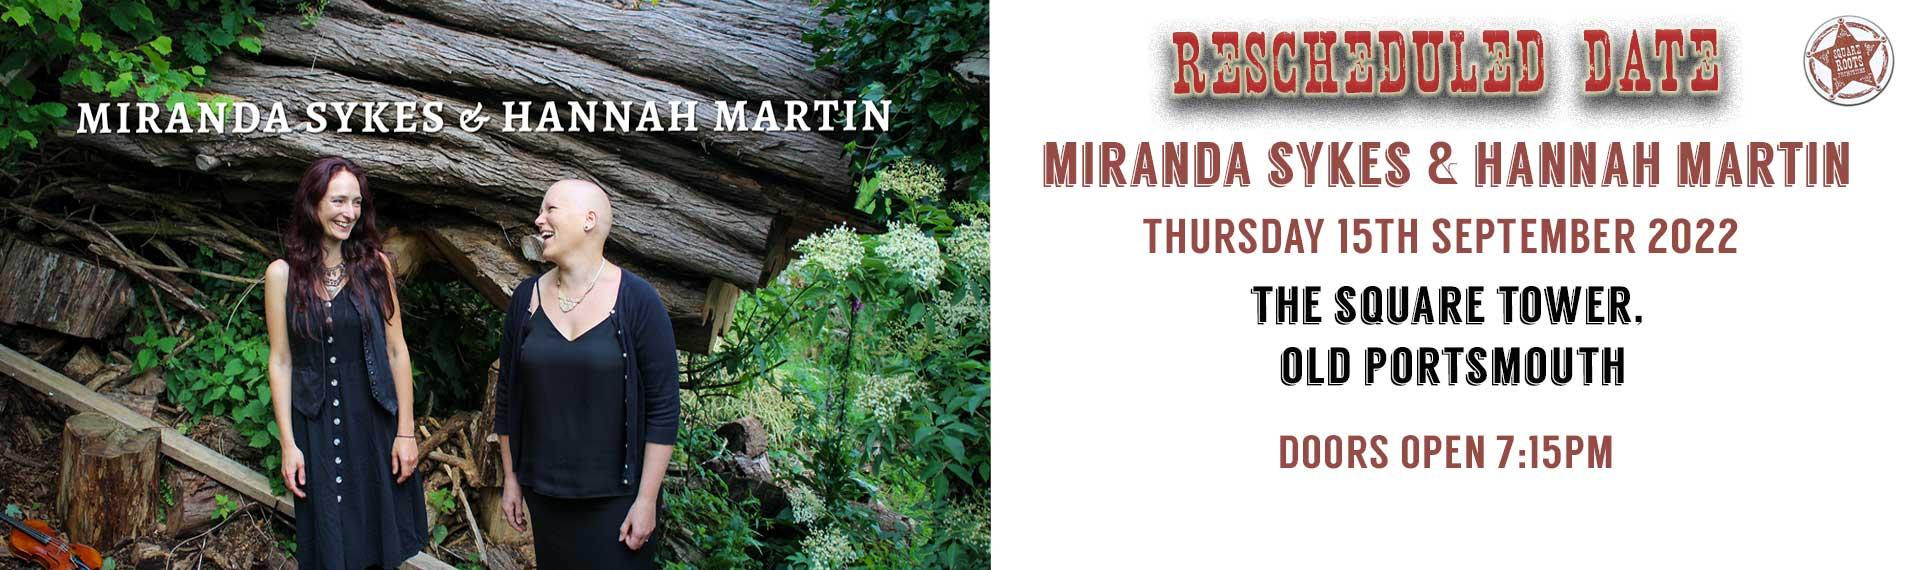 miranda-and-hannah-banner-RESCHEDULED